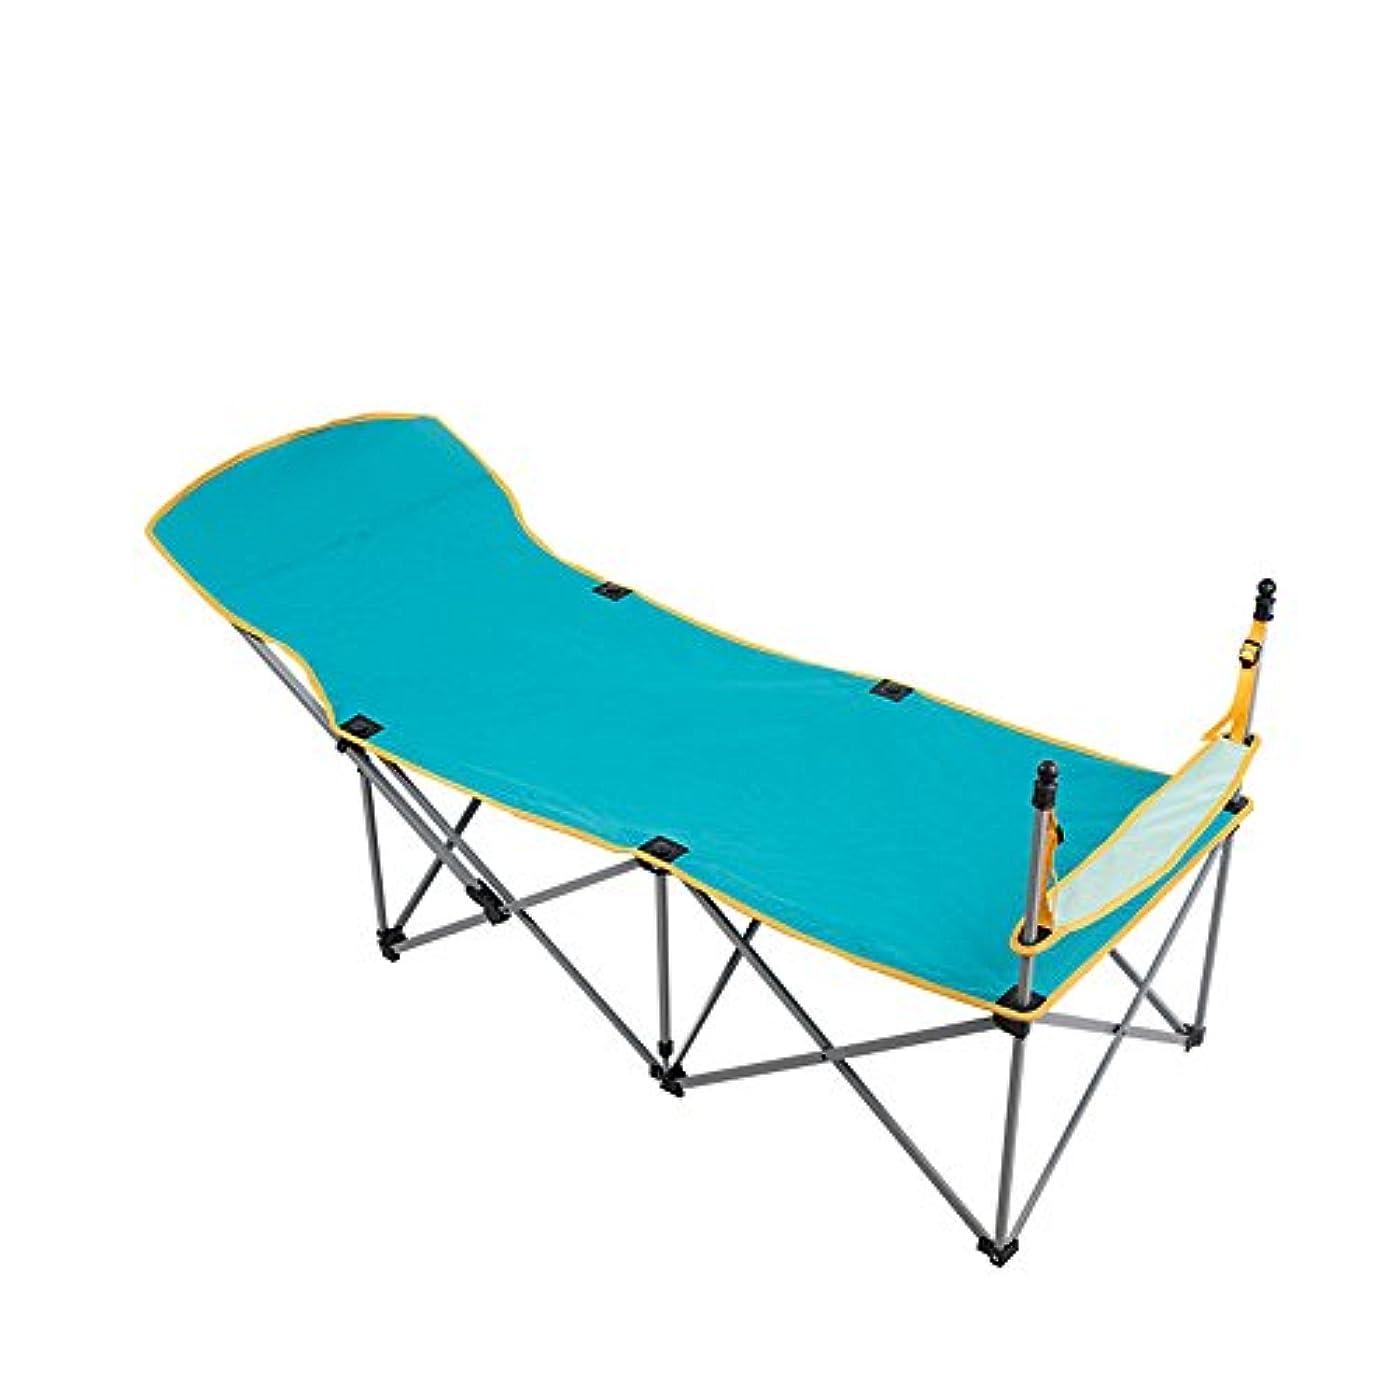 スパイアウトドア顎Zhengアウトドアポータブル折りたたみベッドシングルオフィスNap Bed Lunchベッドスーパーライトシンプルベッド